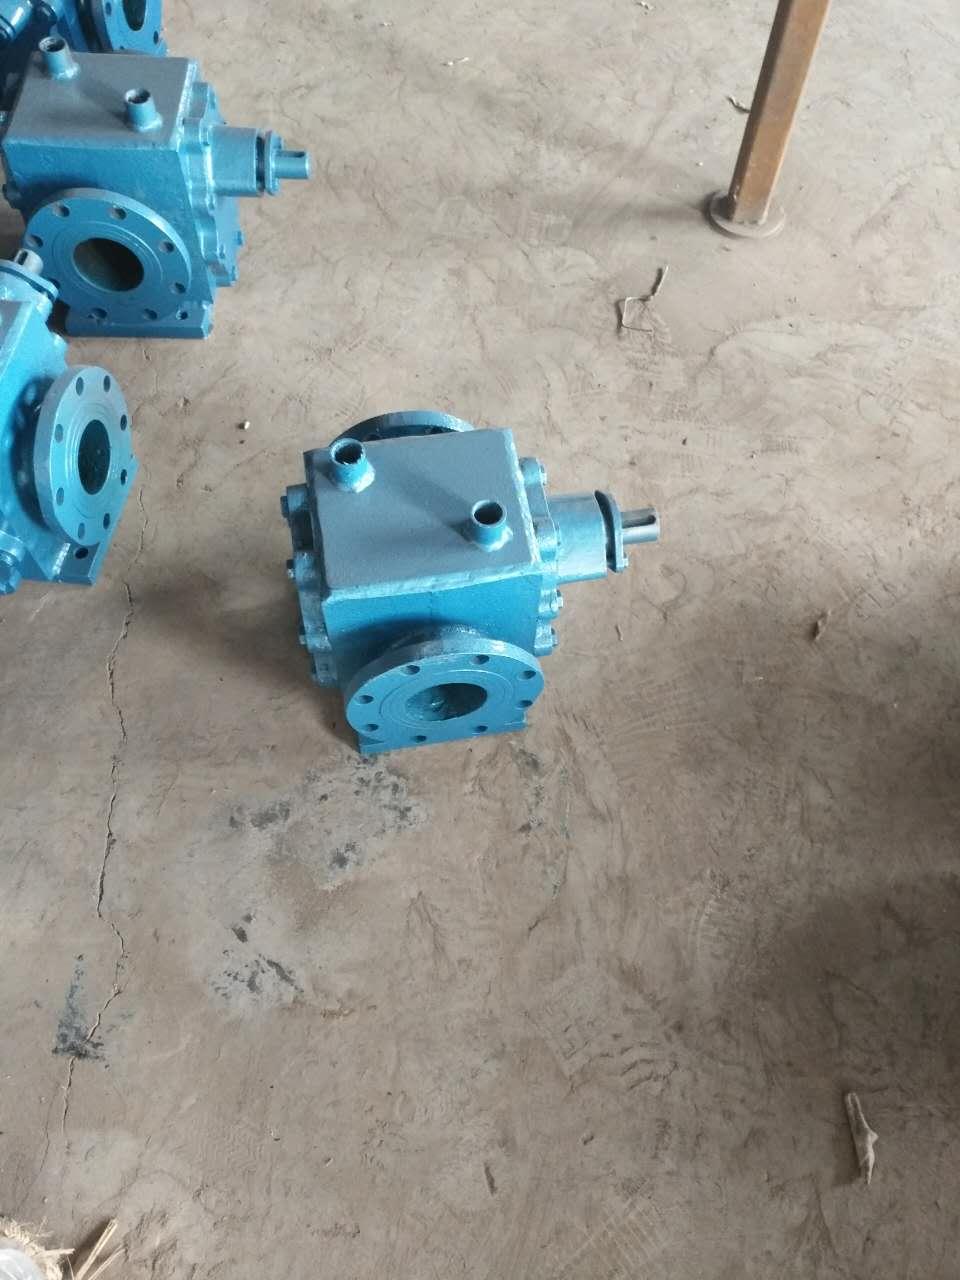 德阳输送沥青齿轮泵-宏润泵业LQB-7/0.6型保温沥青泵